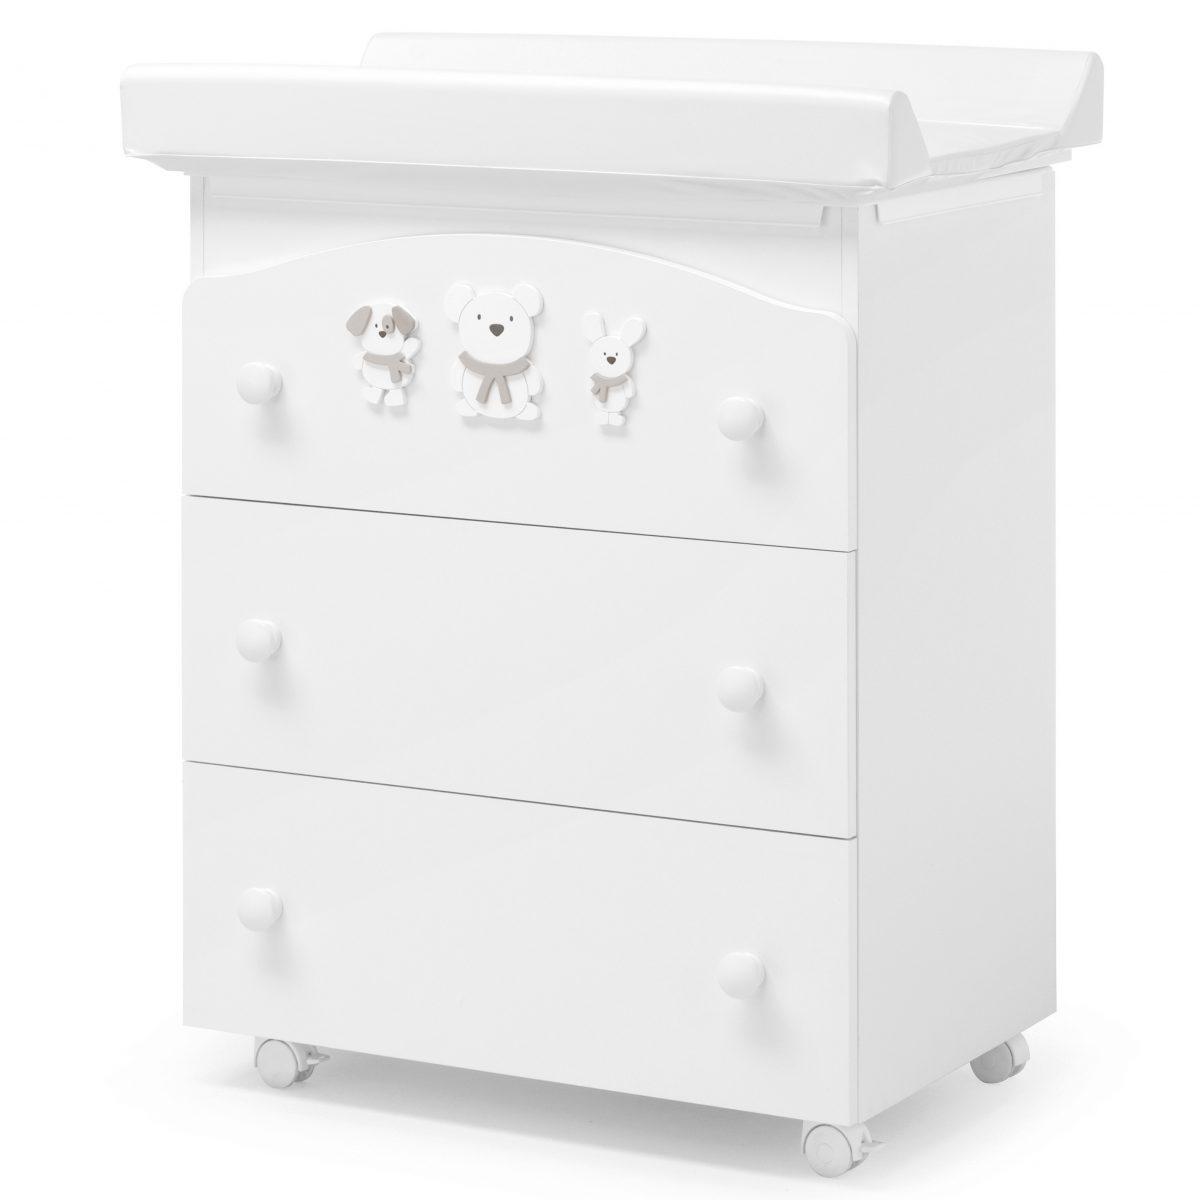 luxusní dětský nábytek - přebalovací pult Pongo